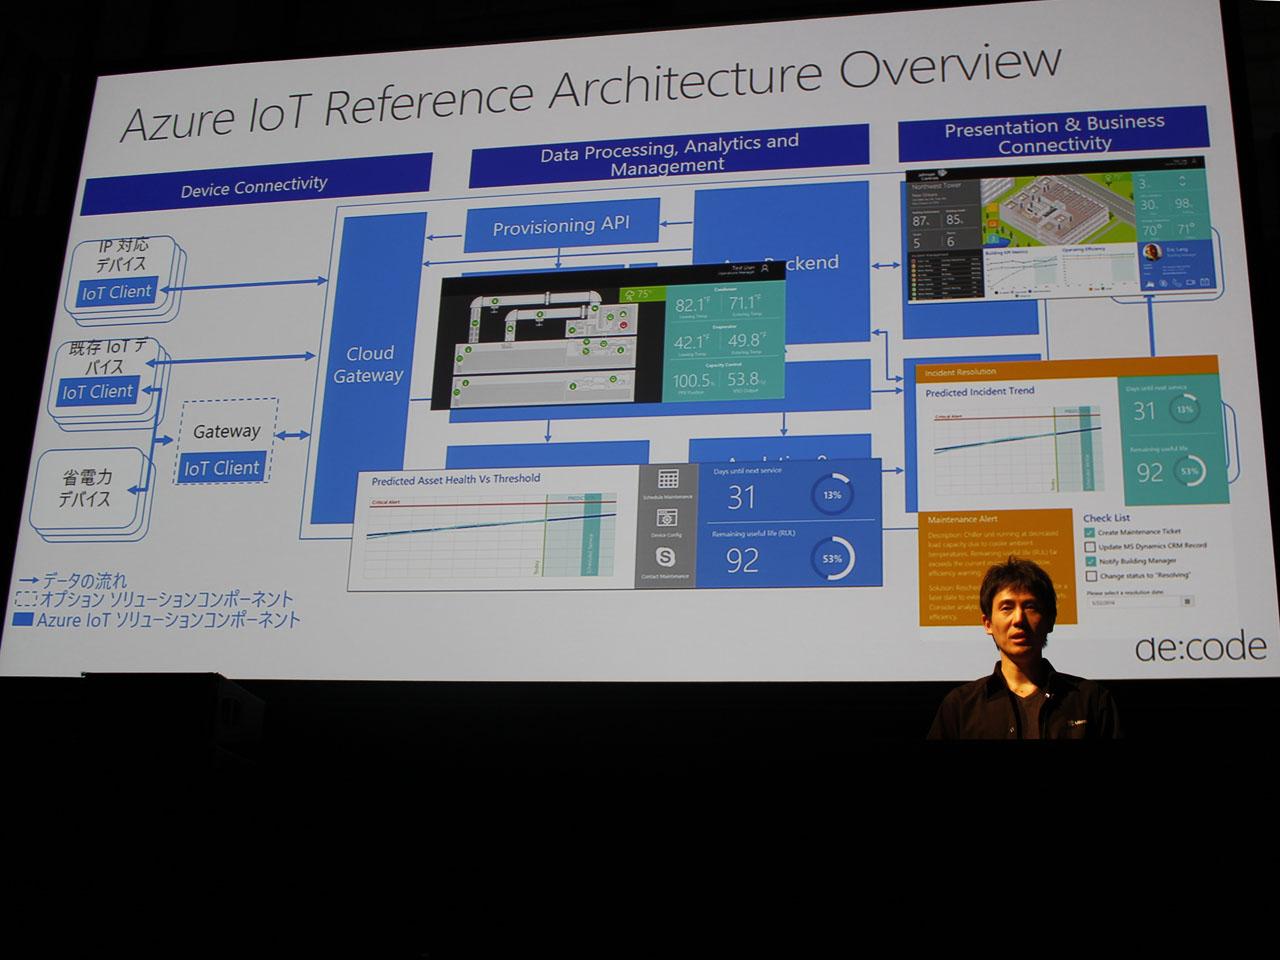 ビル管理の例をリファレンスアーキテクチャの各部分にマッピングした例